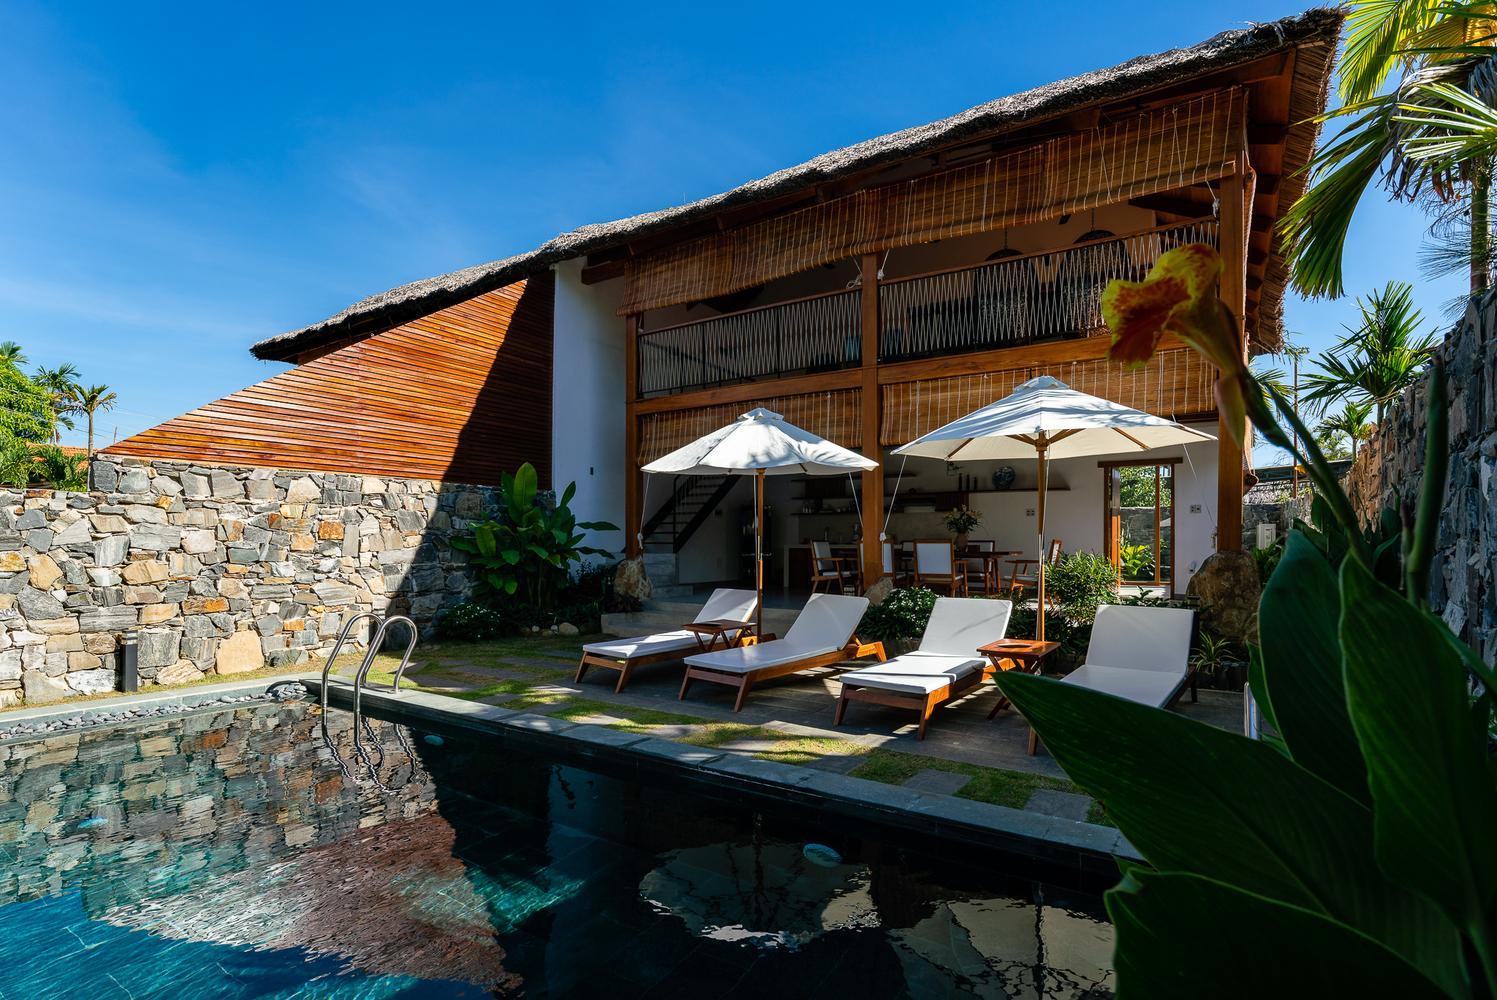 Bên ngoài nhà là bể bơi. 2 căn biệt thự ngăn cách nhau bởi bức tường gạch cao.